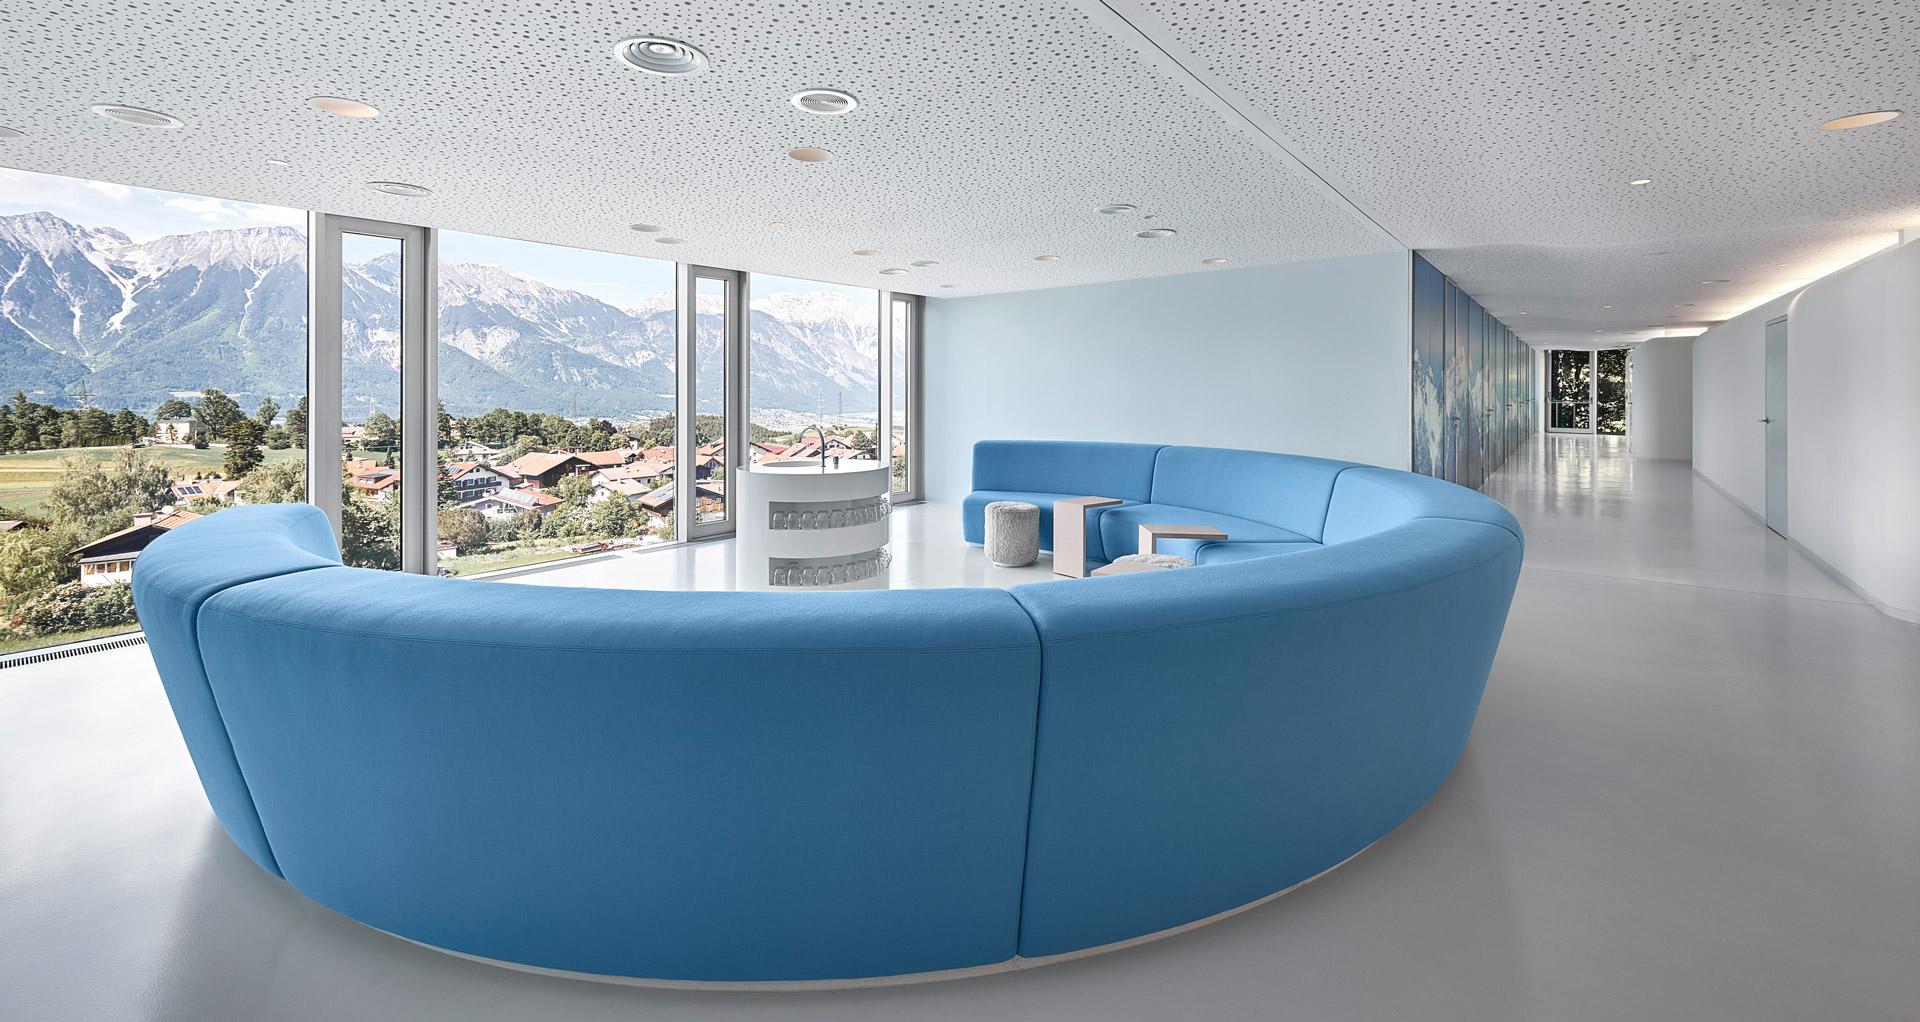 Blaues Sofa im